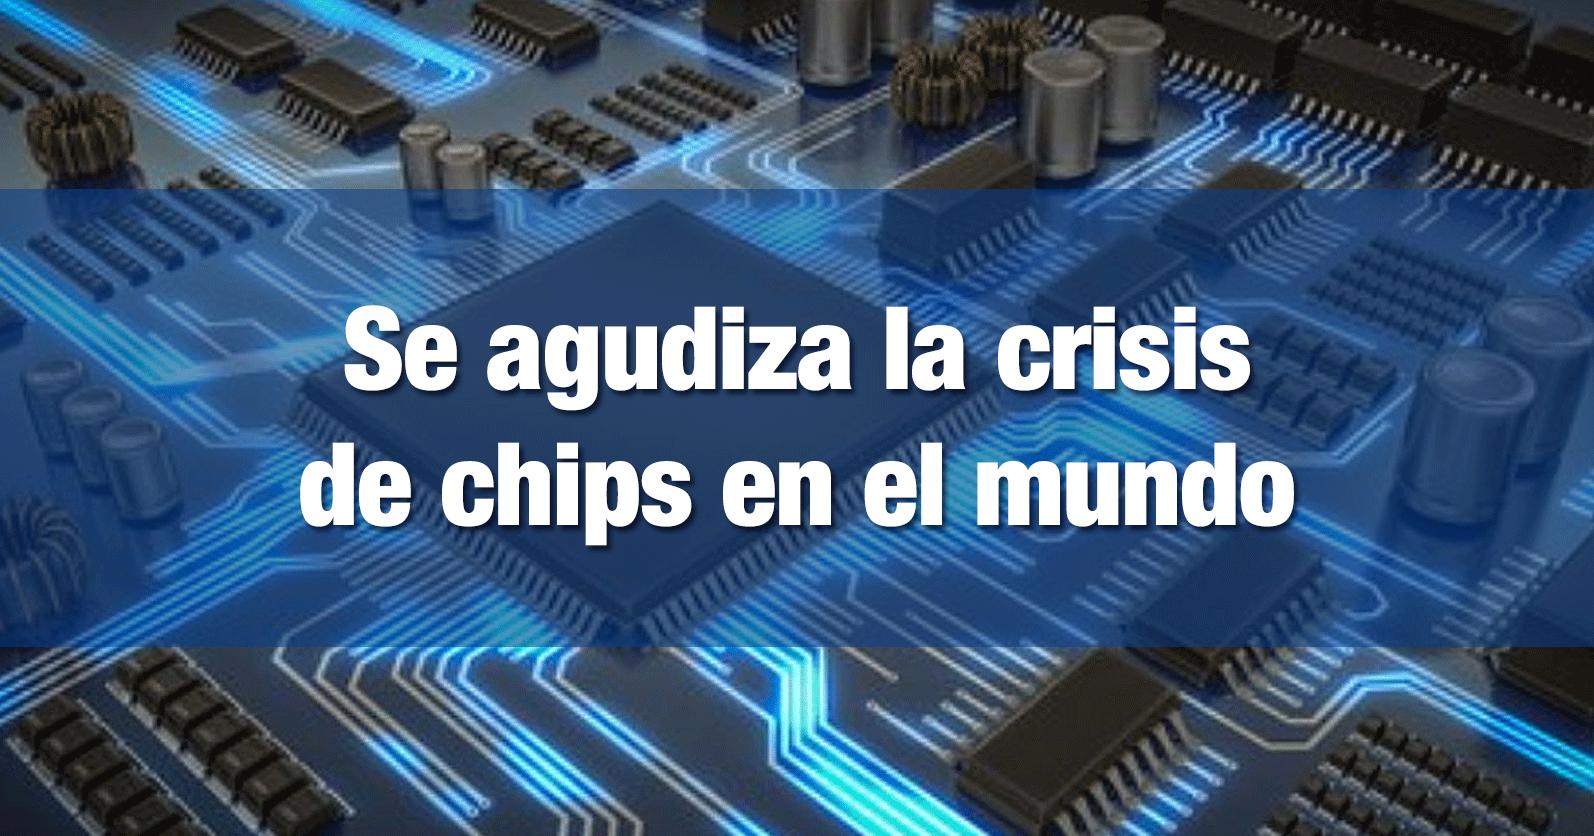 Se agudiza la crisis de chips en el mundo